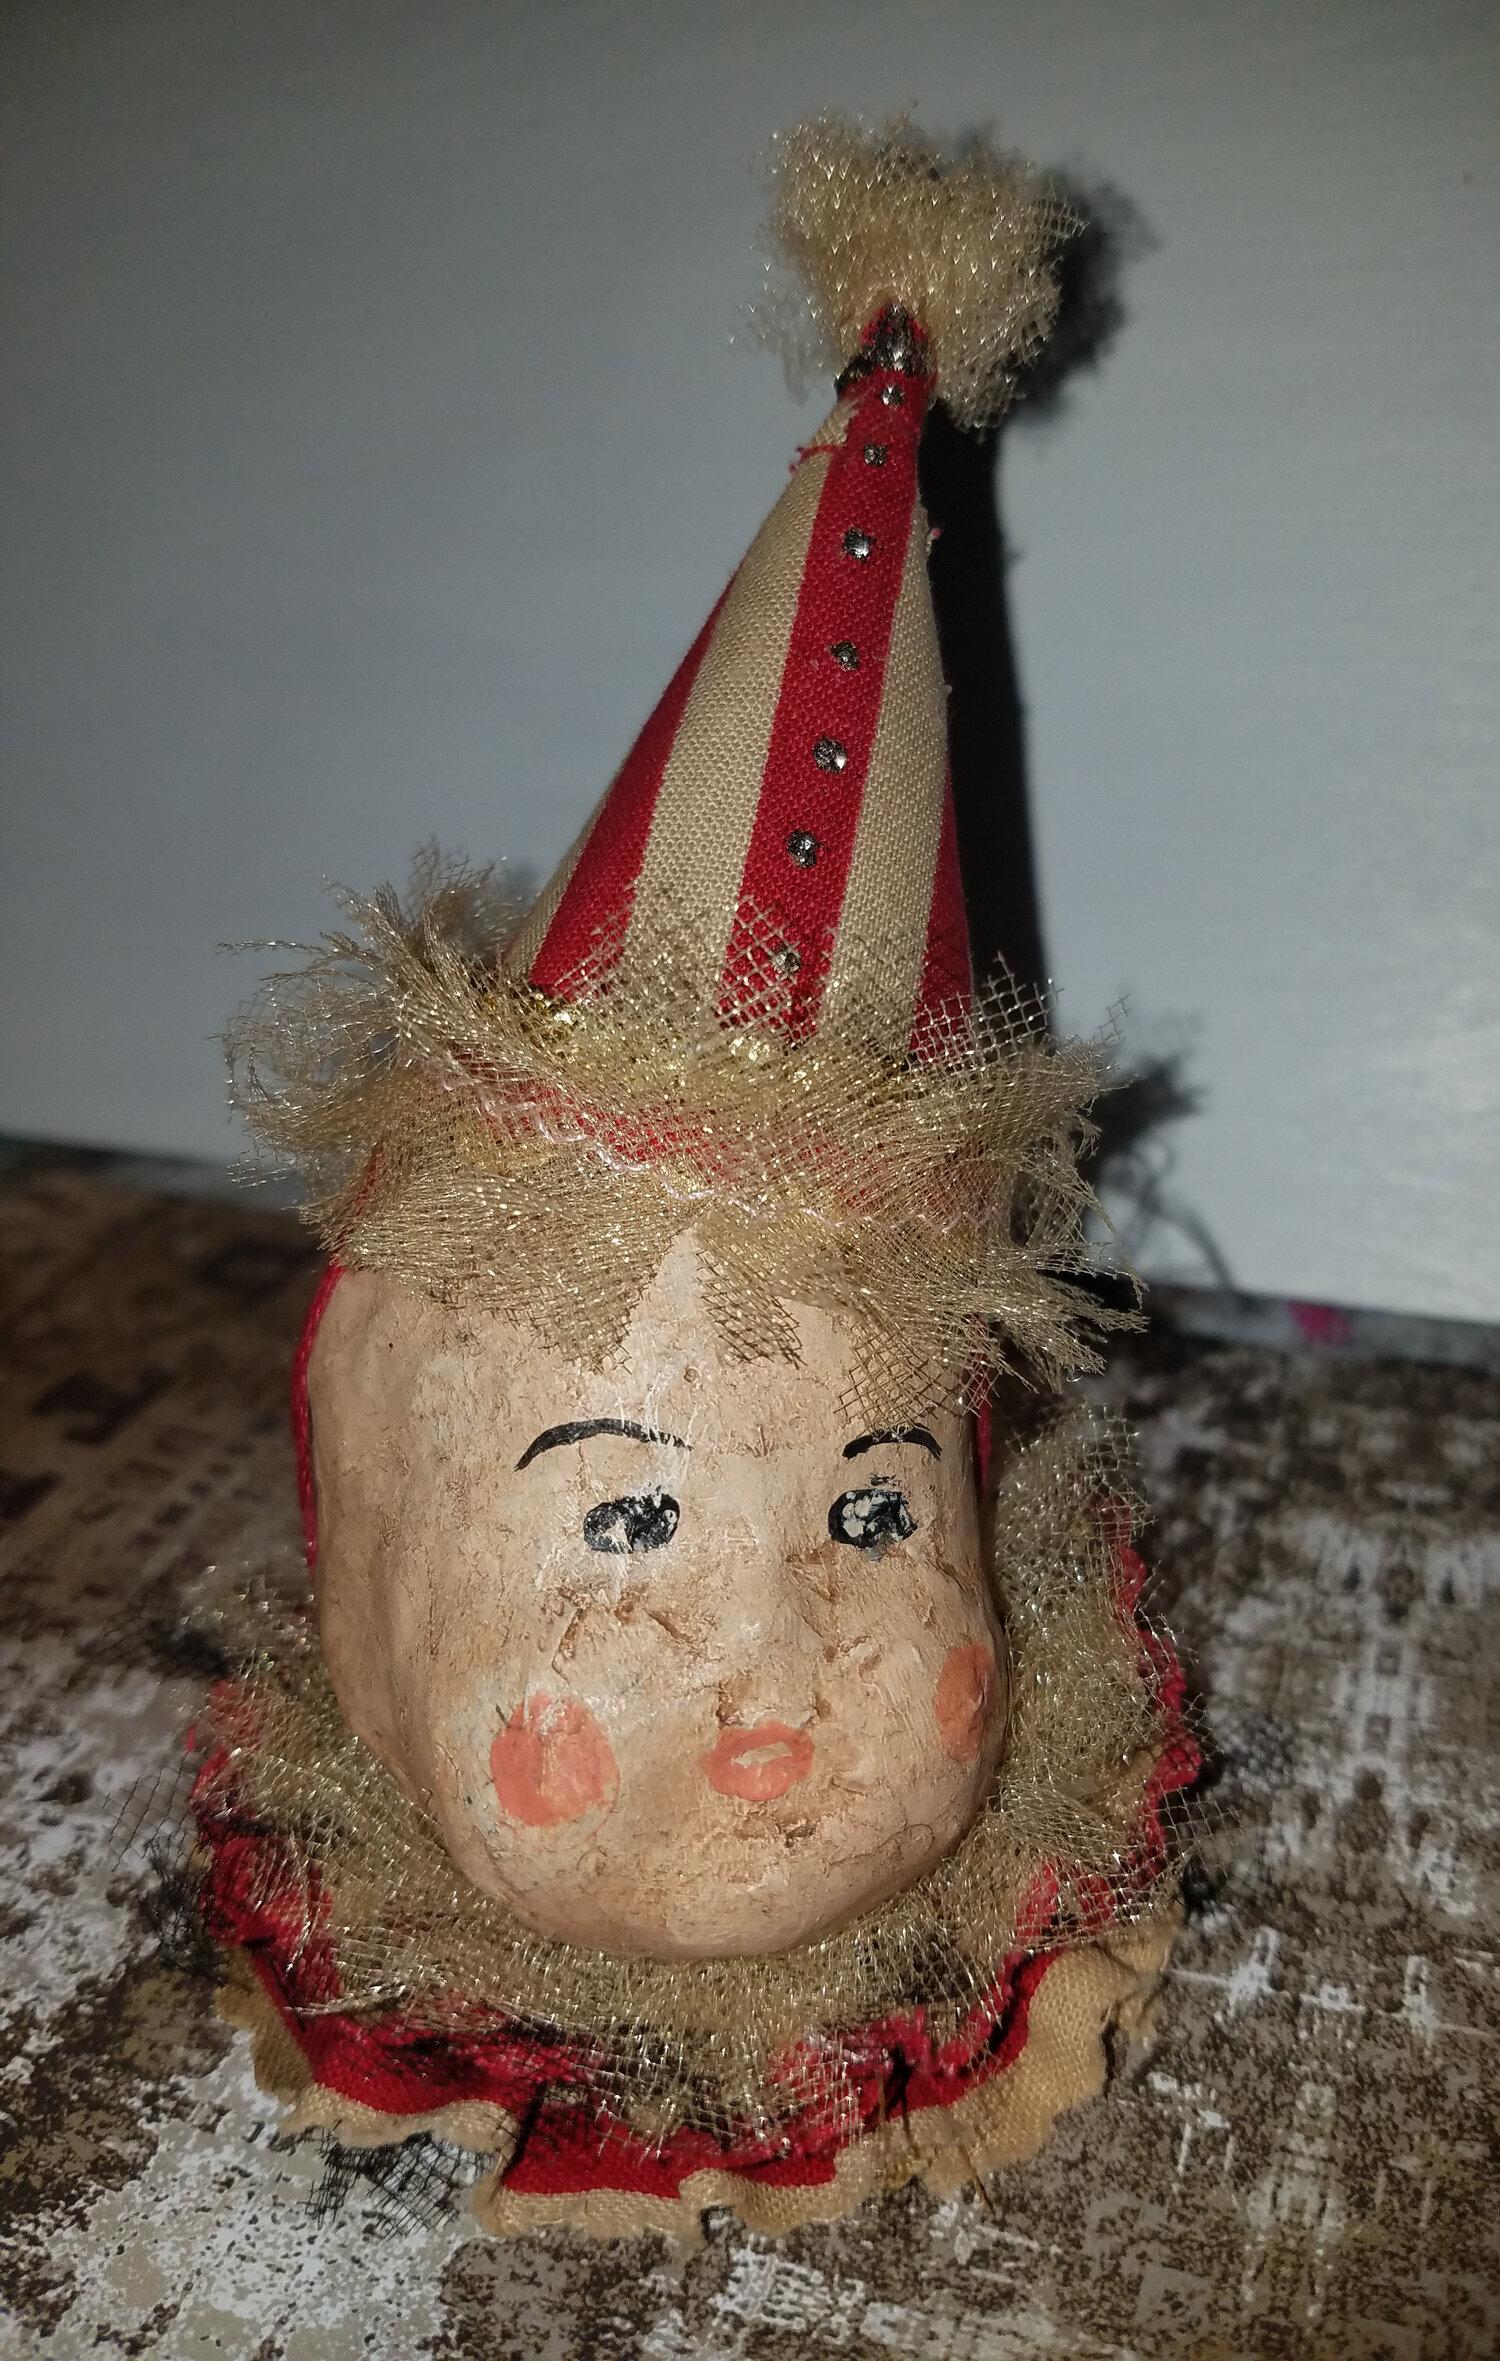 clownhead2.jpg